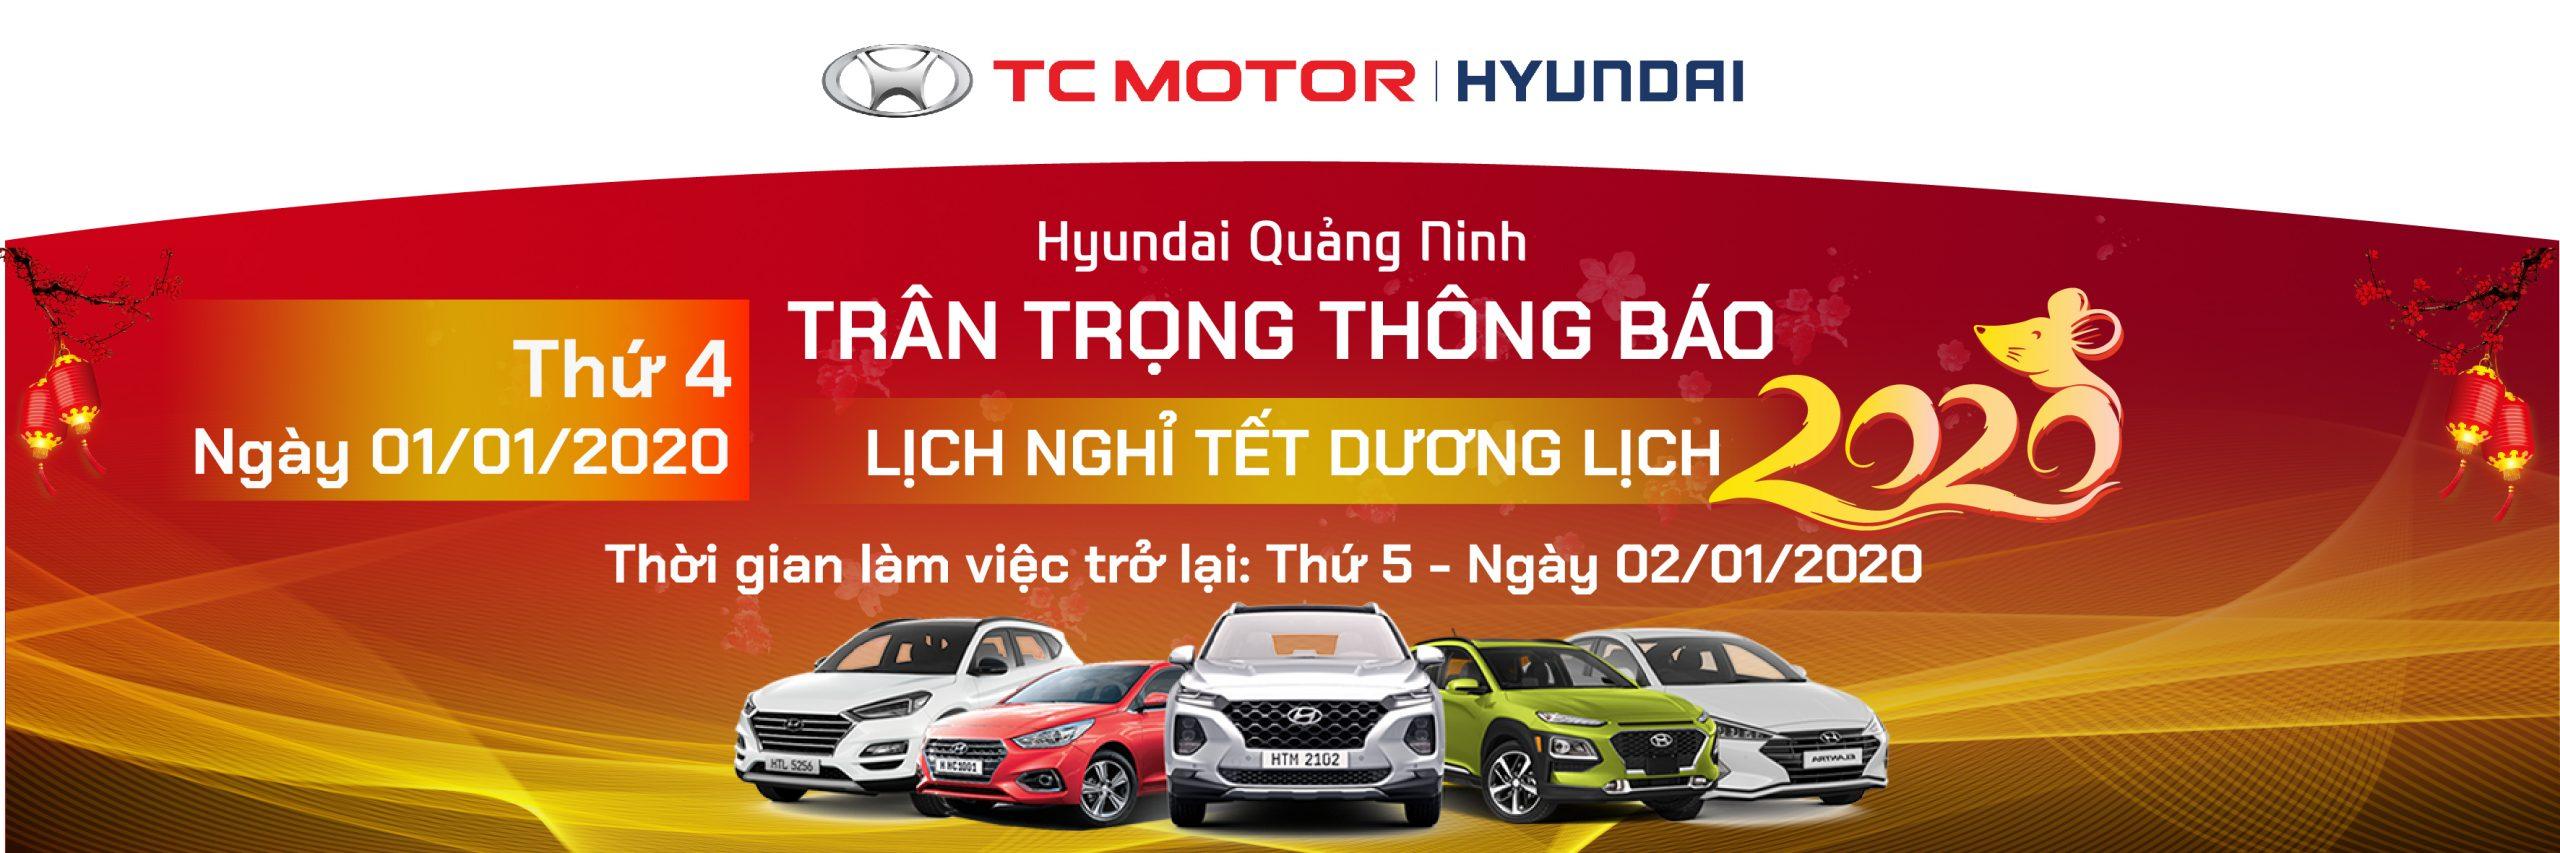 Hyundai Quảng Ninh Nghỉ tết